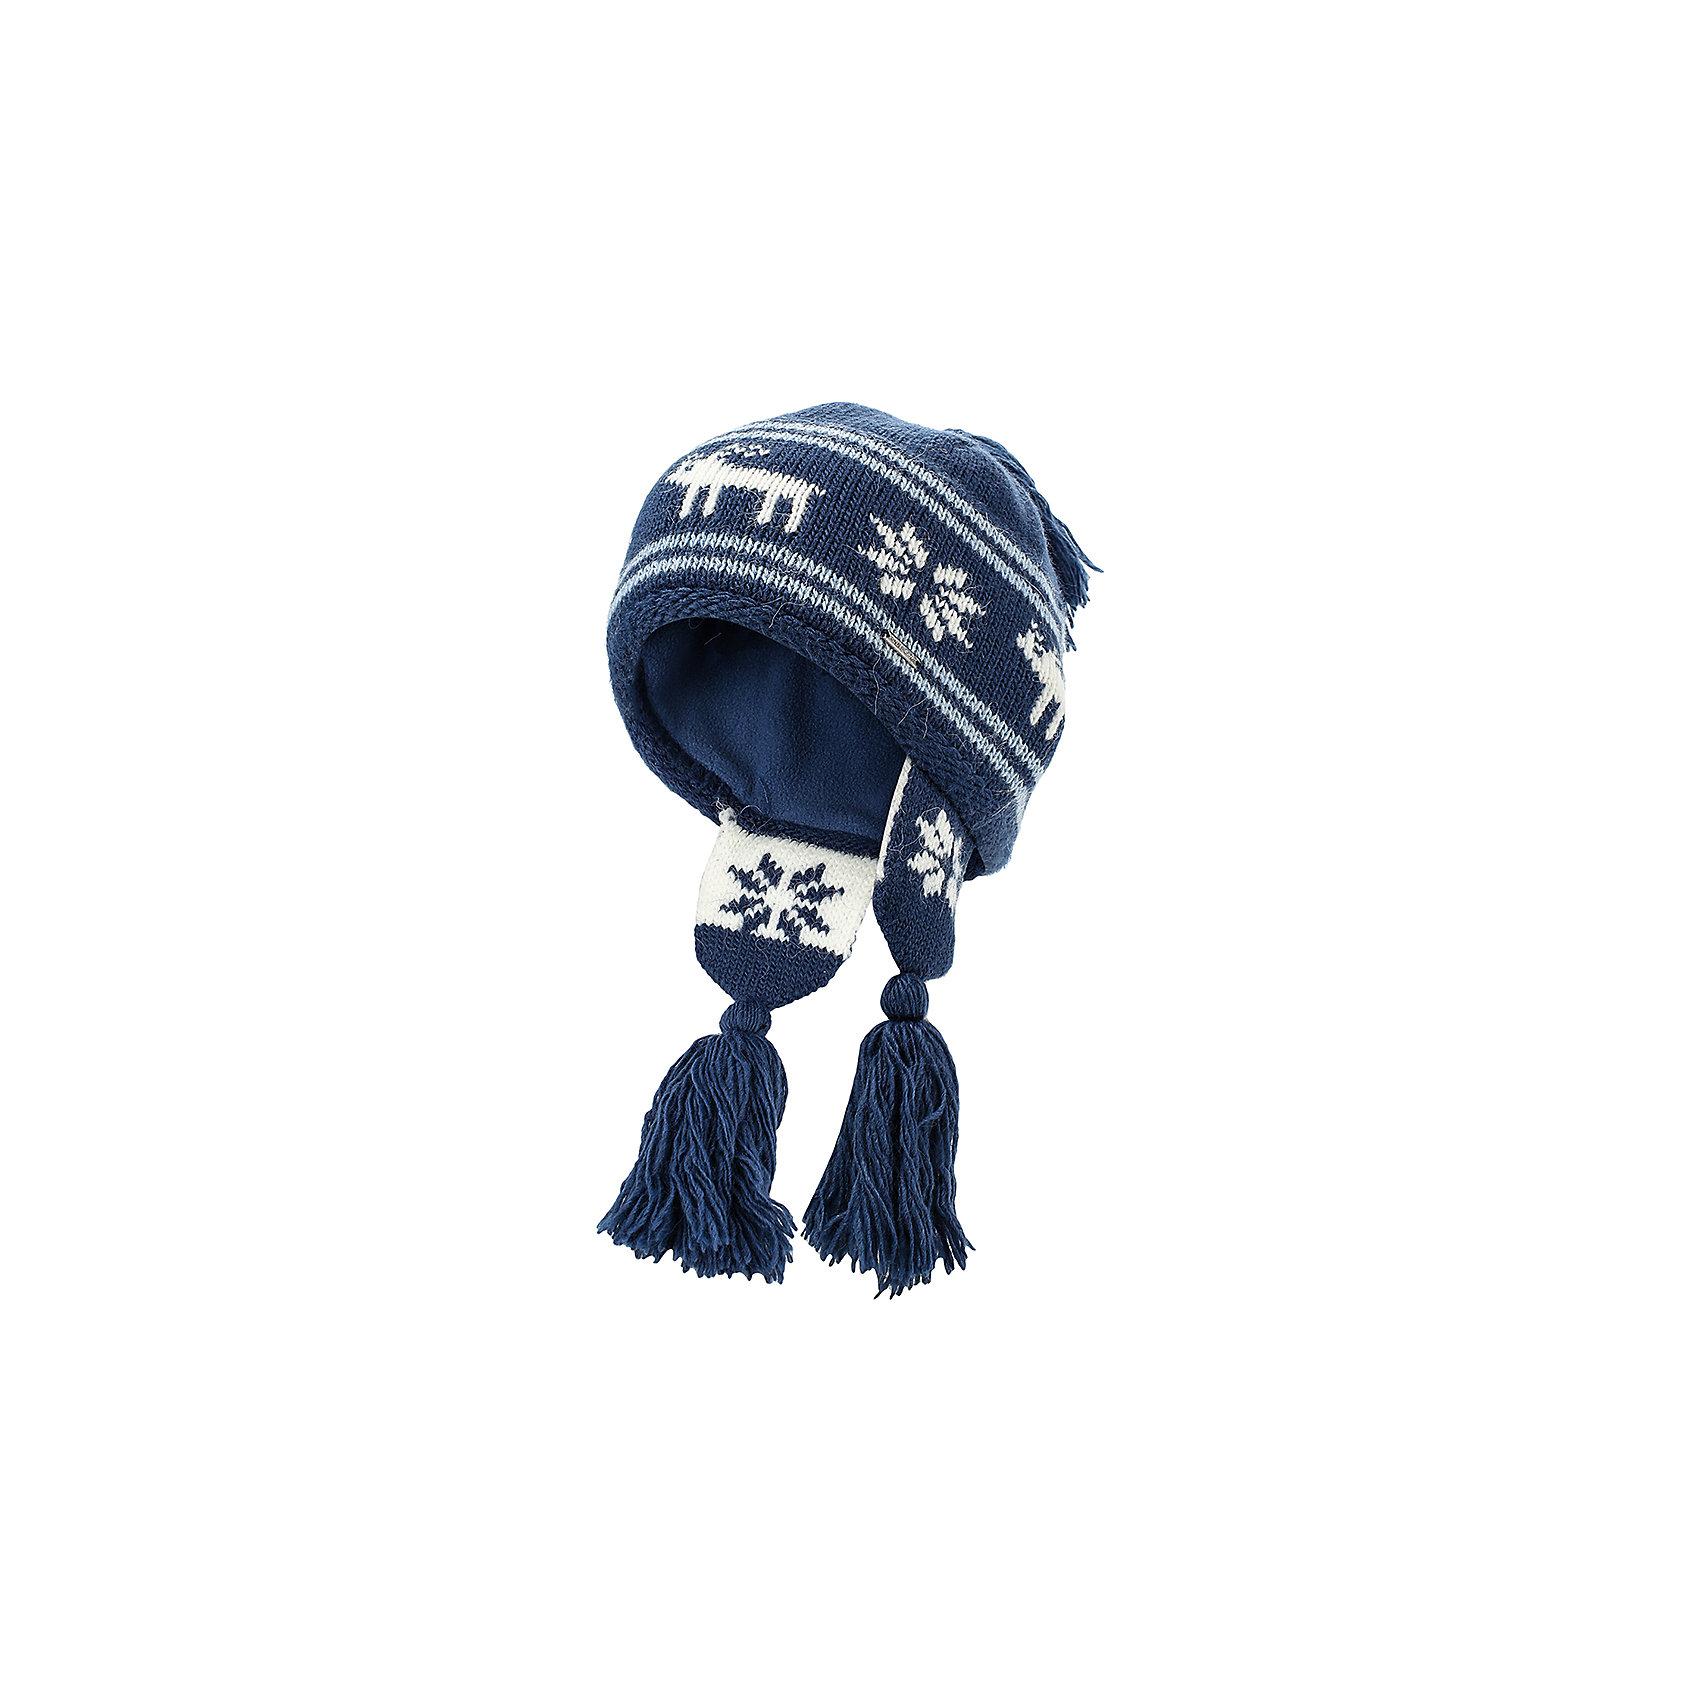 Шапка для девочки Finn FlareШапка известной марки Finn Flare.<br><br>Теплая шапочка для зимнего периода оснащена «ушками» с кисточками, есть помпон-кисточка. Шапка вязаная, декорирована вязаной аппликацией «олень+снежинки». Теплая и нарядная шапочка на подкладке защищает от ветра, снега и холода, не колется и не растягивается. <br><br>Фактура материала: Трикотажный<br><br>Состав: 70% шерсть, 30% акрил<br>Подкладка: 100% полиэстер<br><br>Шапку для девочки Finn Flare можно купить в нашем интернет-магазине.<br><br>Ширина мм: 89<br>Глубина мм: 117<br>Высота мм: 44<br>Вес г: 155<br>Цвет: синий<br>Возраст от месяцев: 60<br>Возраст до месяцев: 72<br>Пол: Женский<br>Возраст: Детский<br>Размер: 54<br>SKU: 4890078